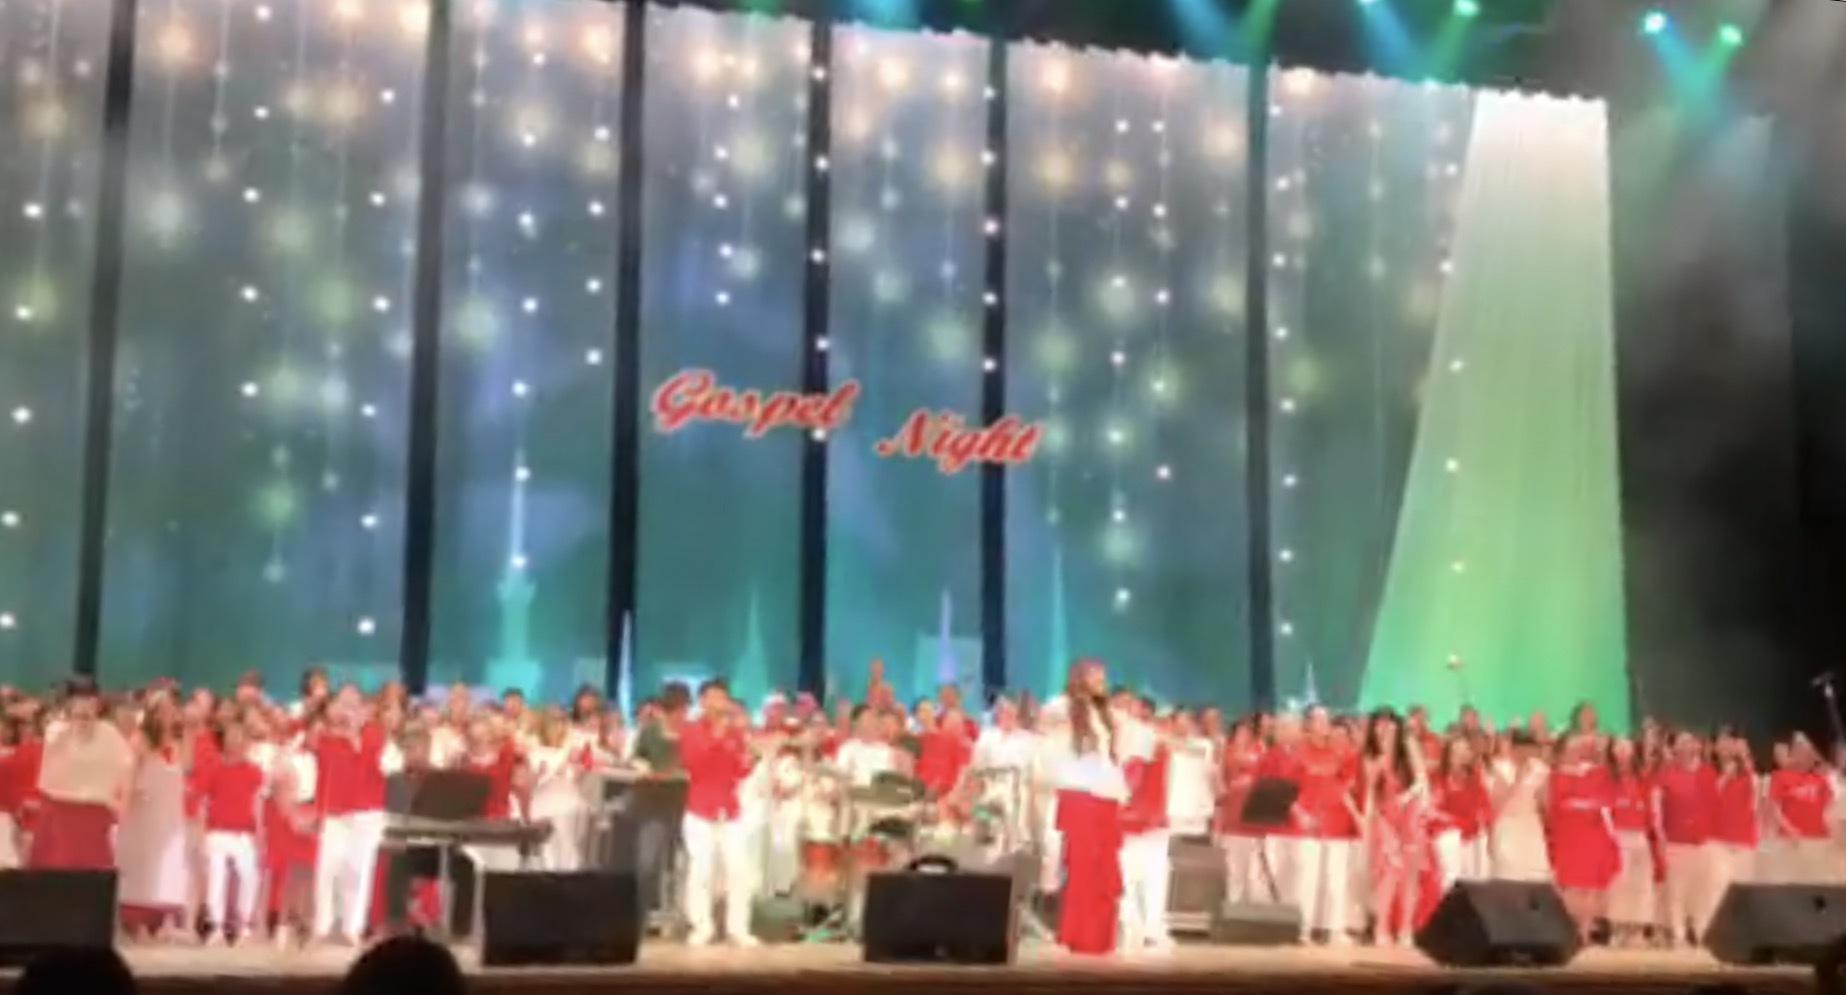 Gospel Night - 3